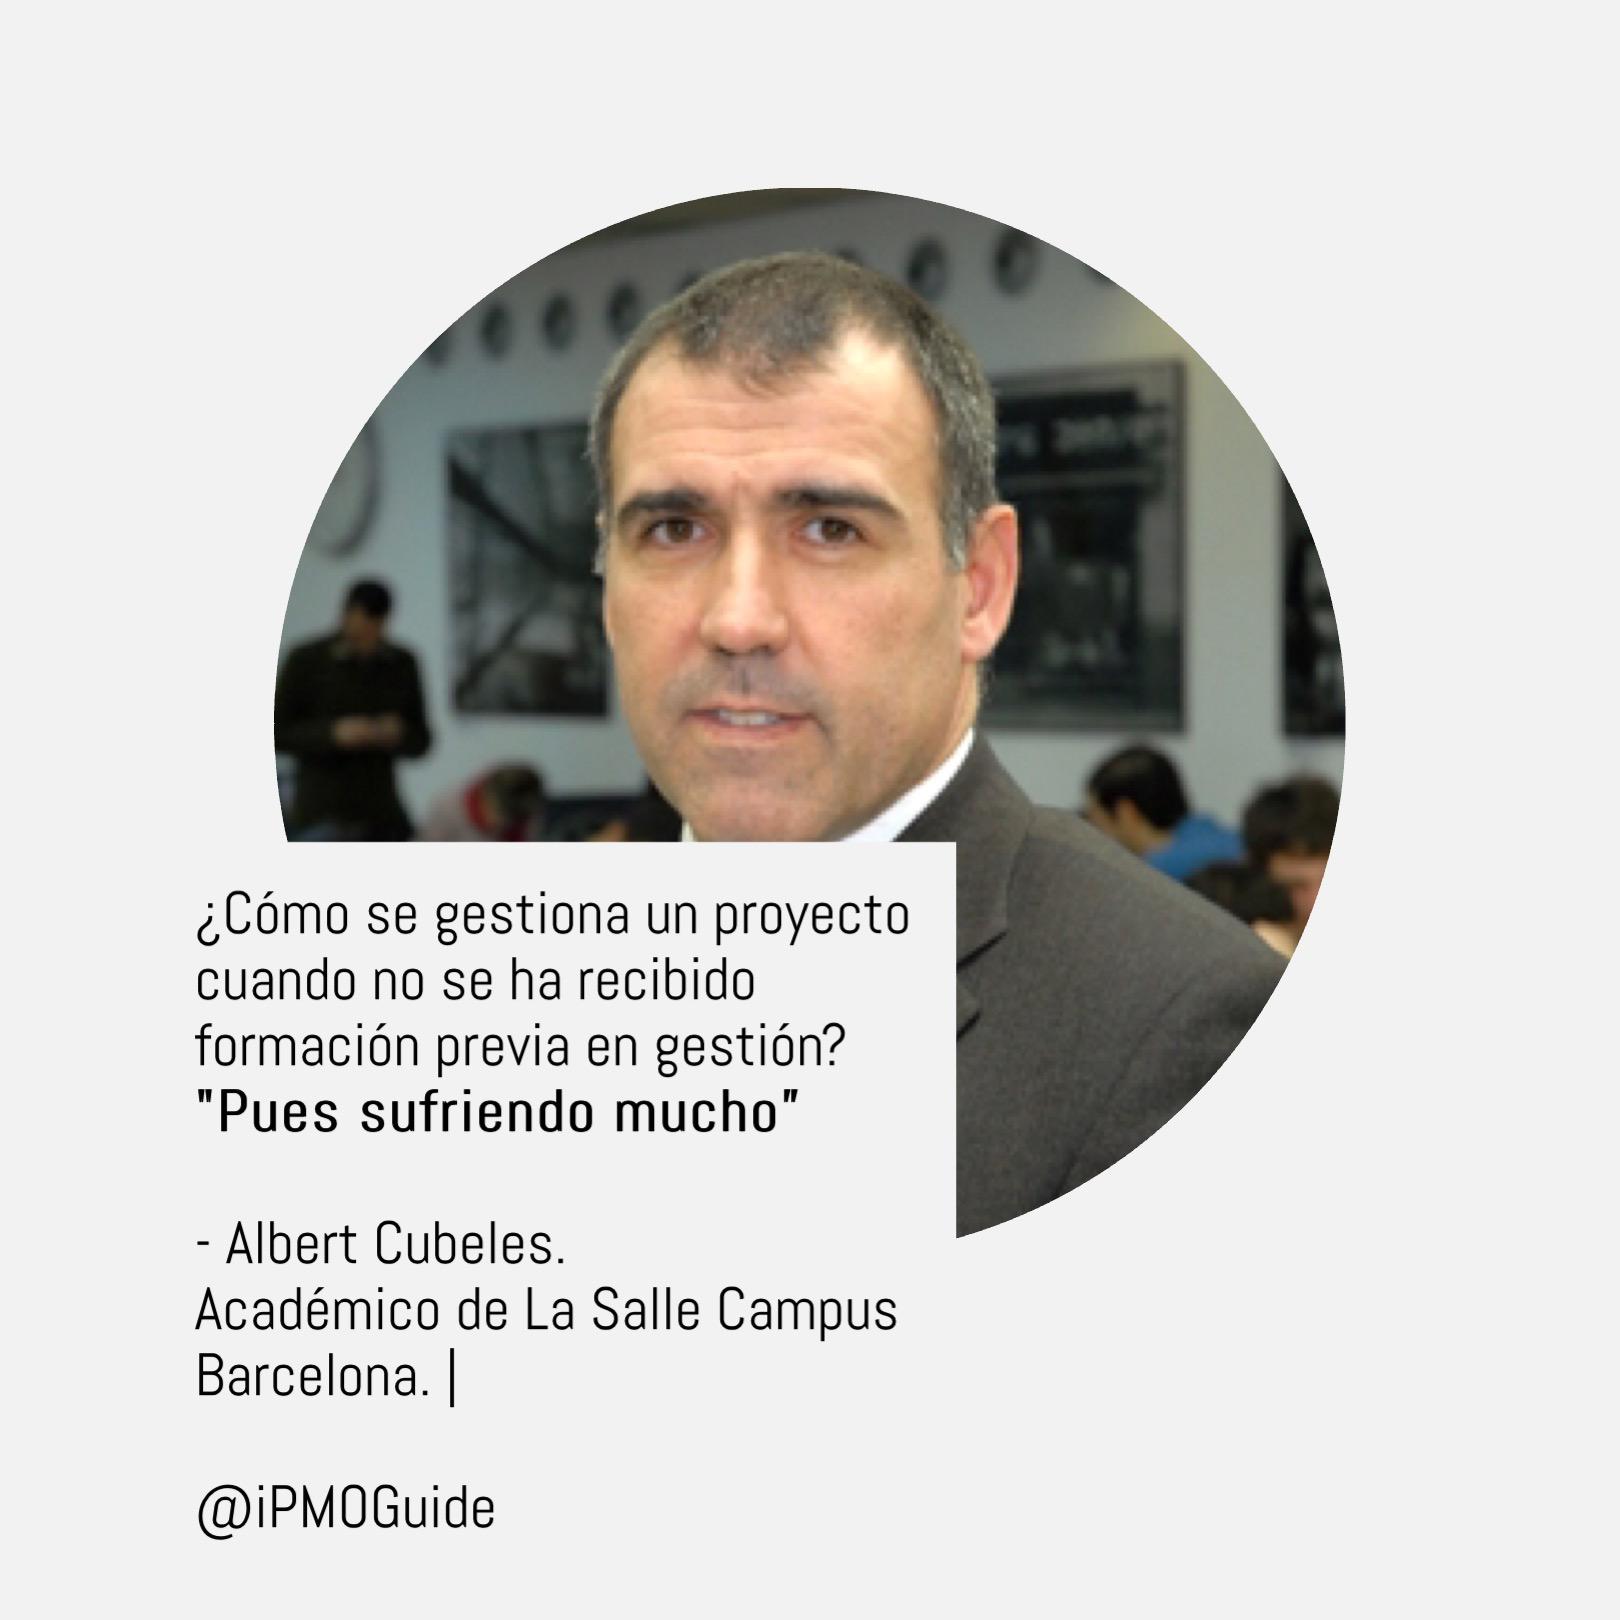 Albert Cubeles